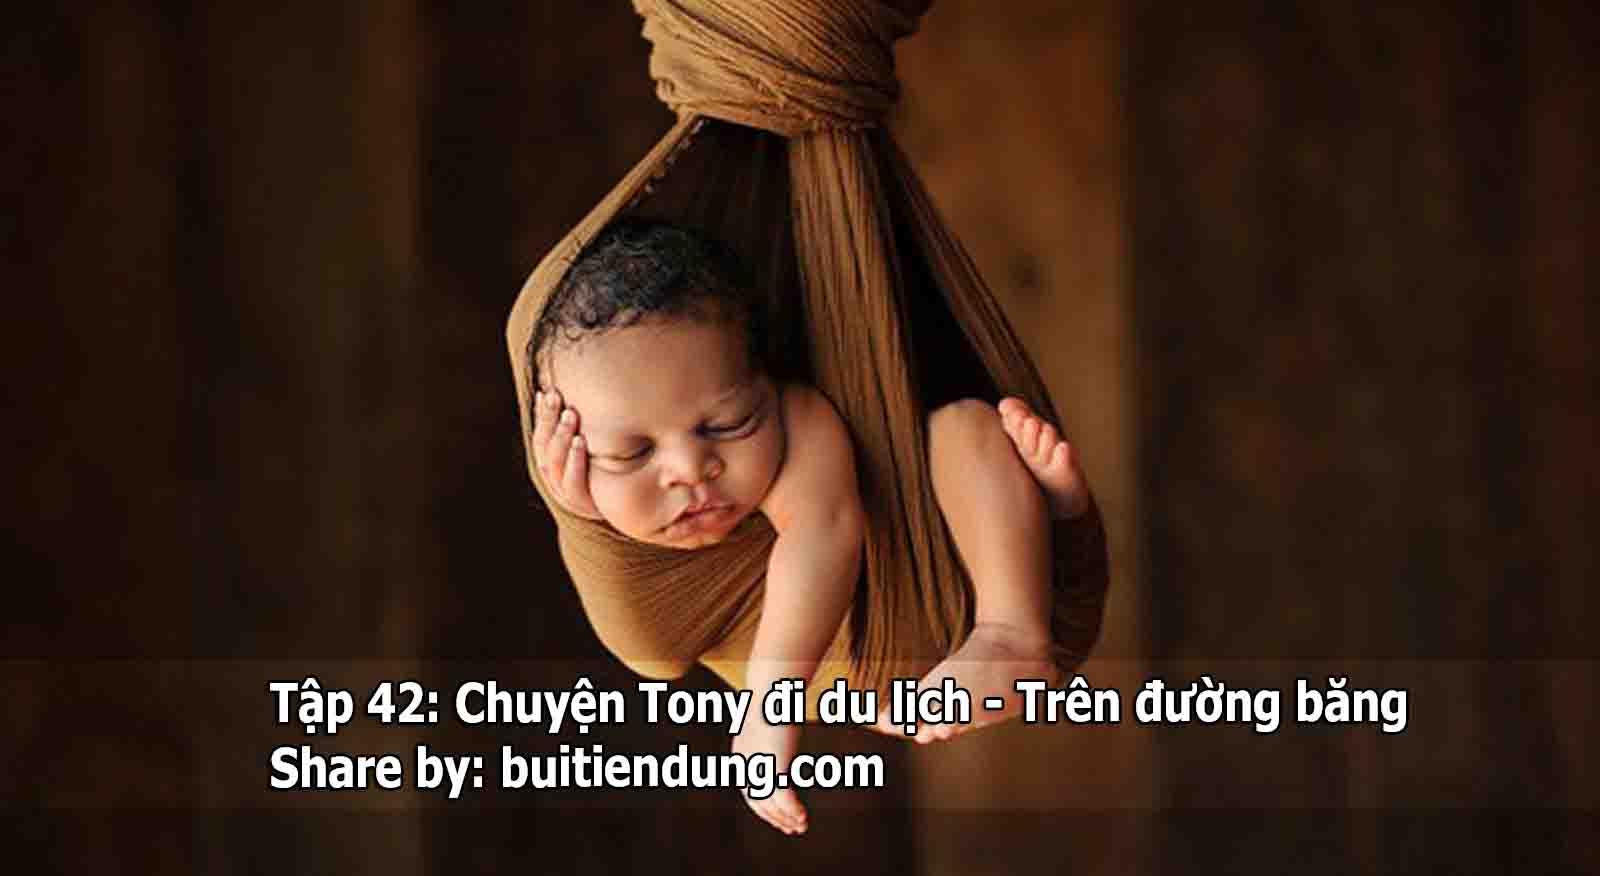 tap-42-chuyen-tony-di-du-lich-tren-duong-bang-tony-buoi-sang